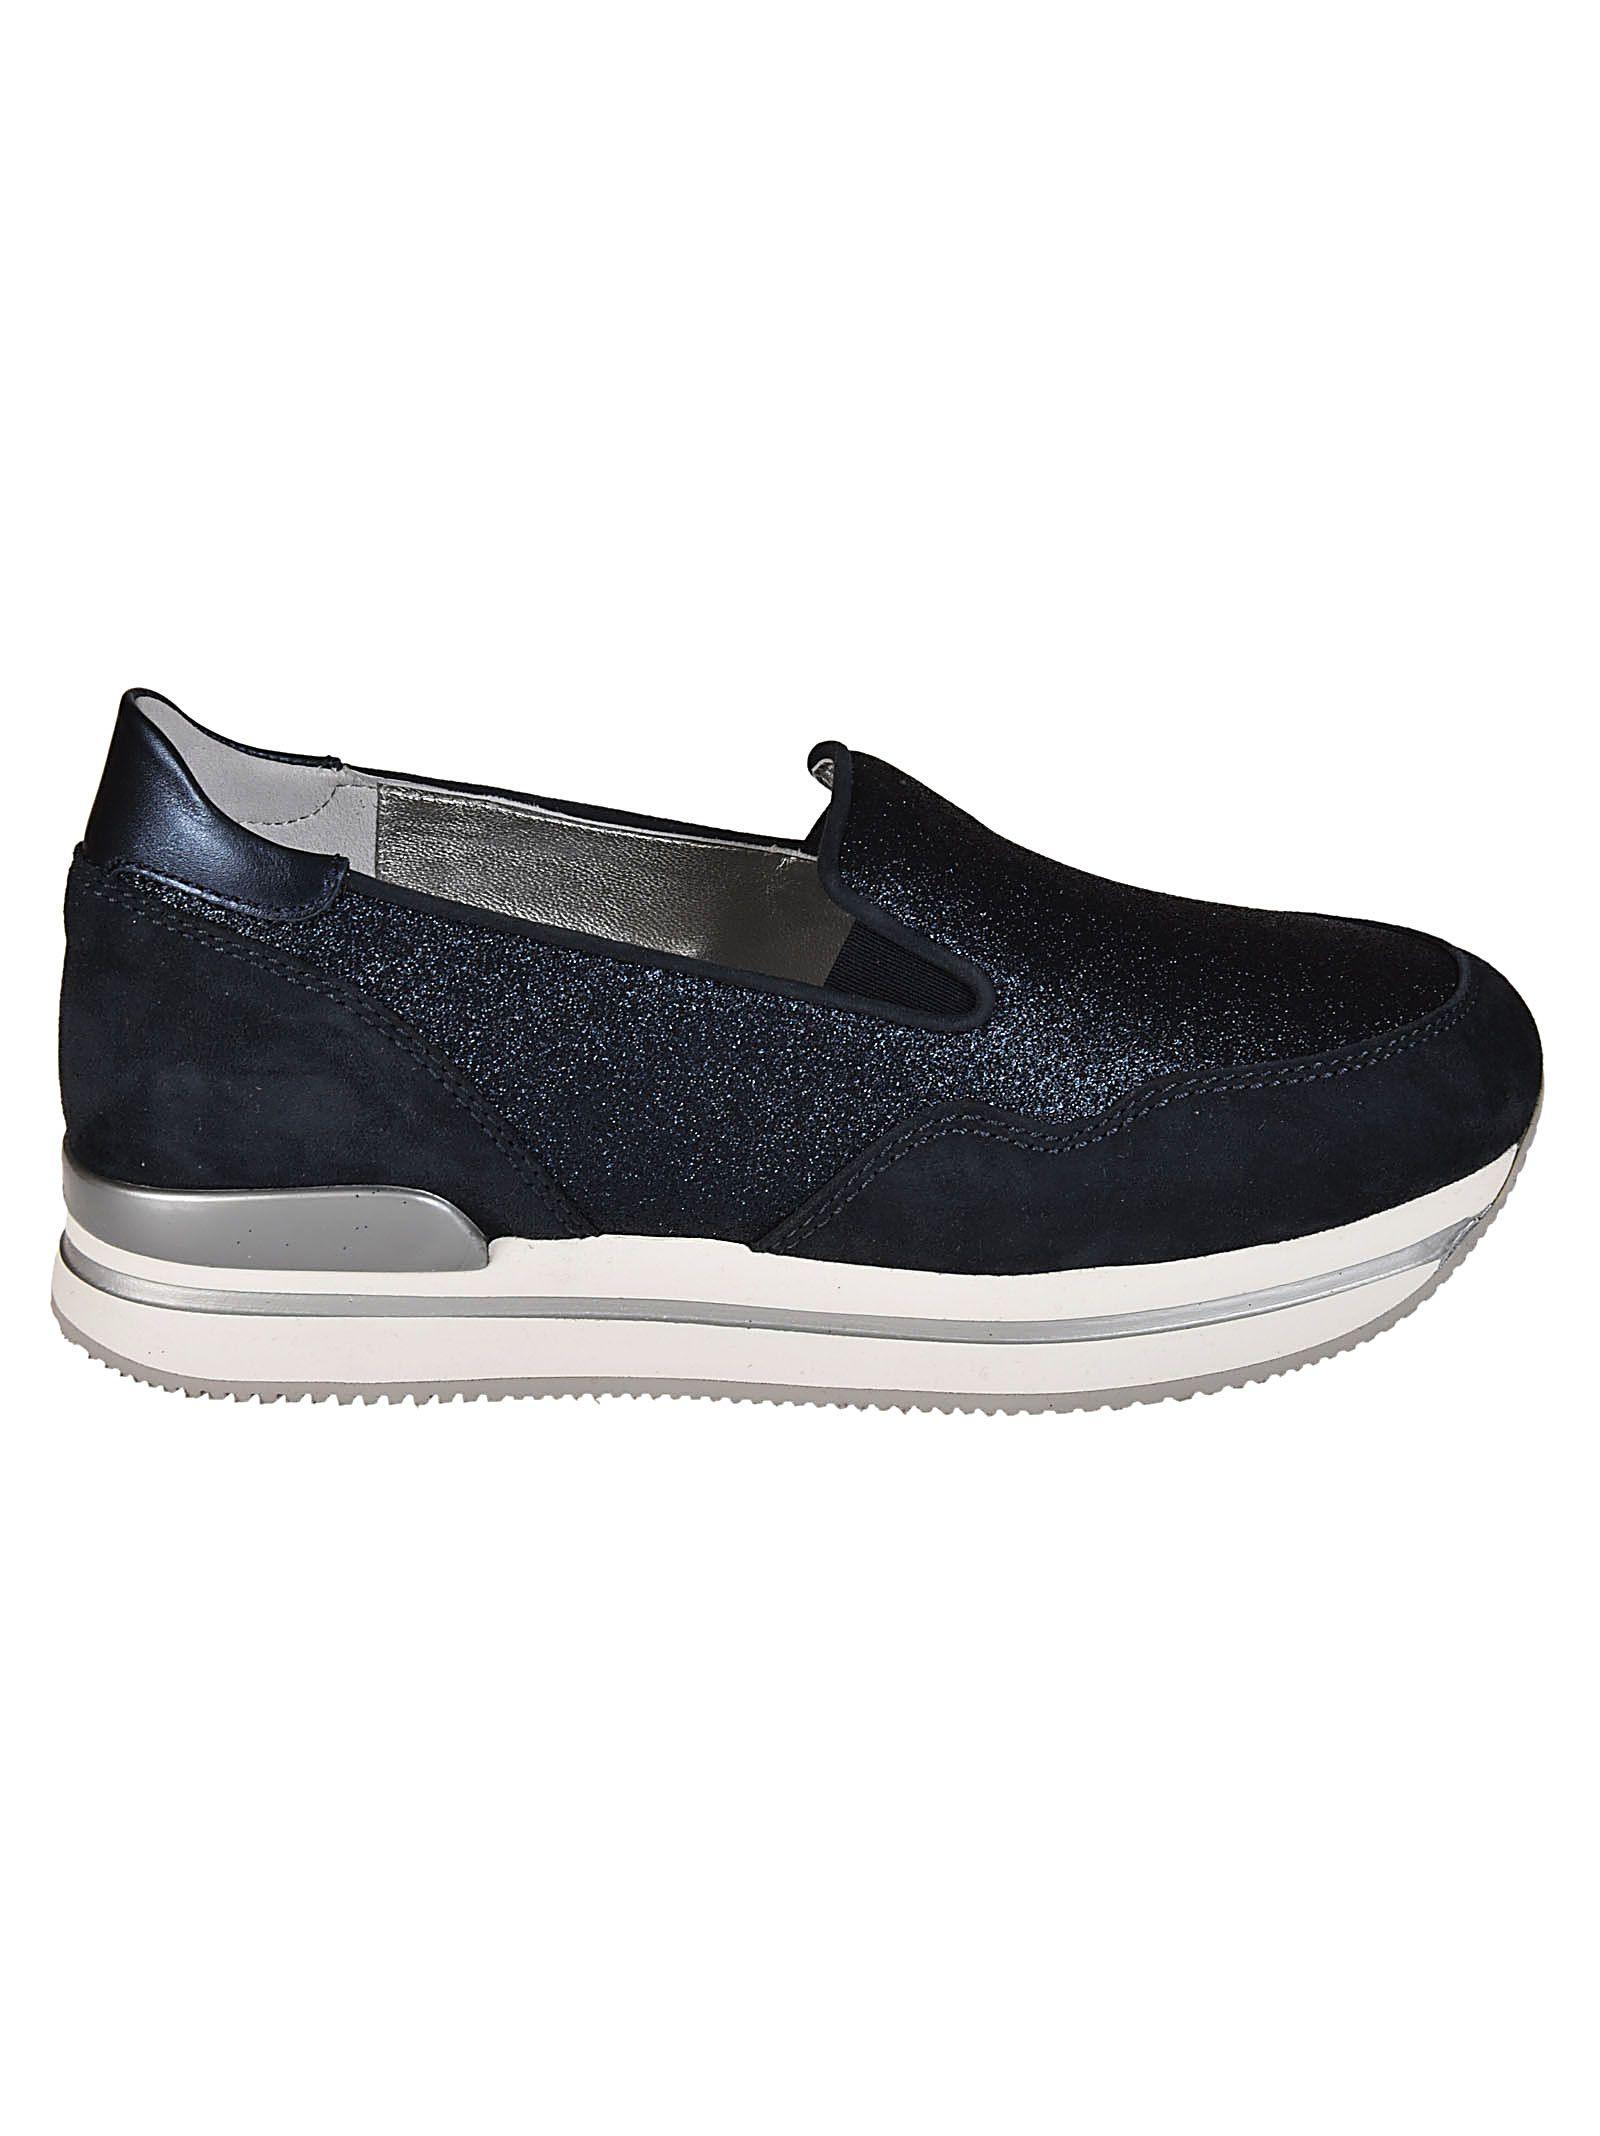 Hogan Glittered Platform Slip-on Sneakers